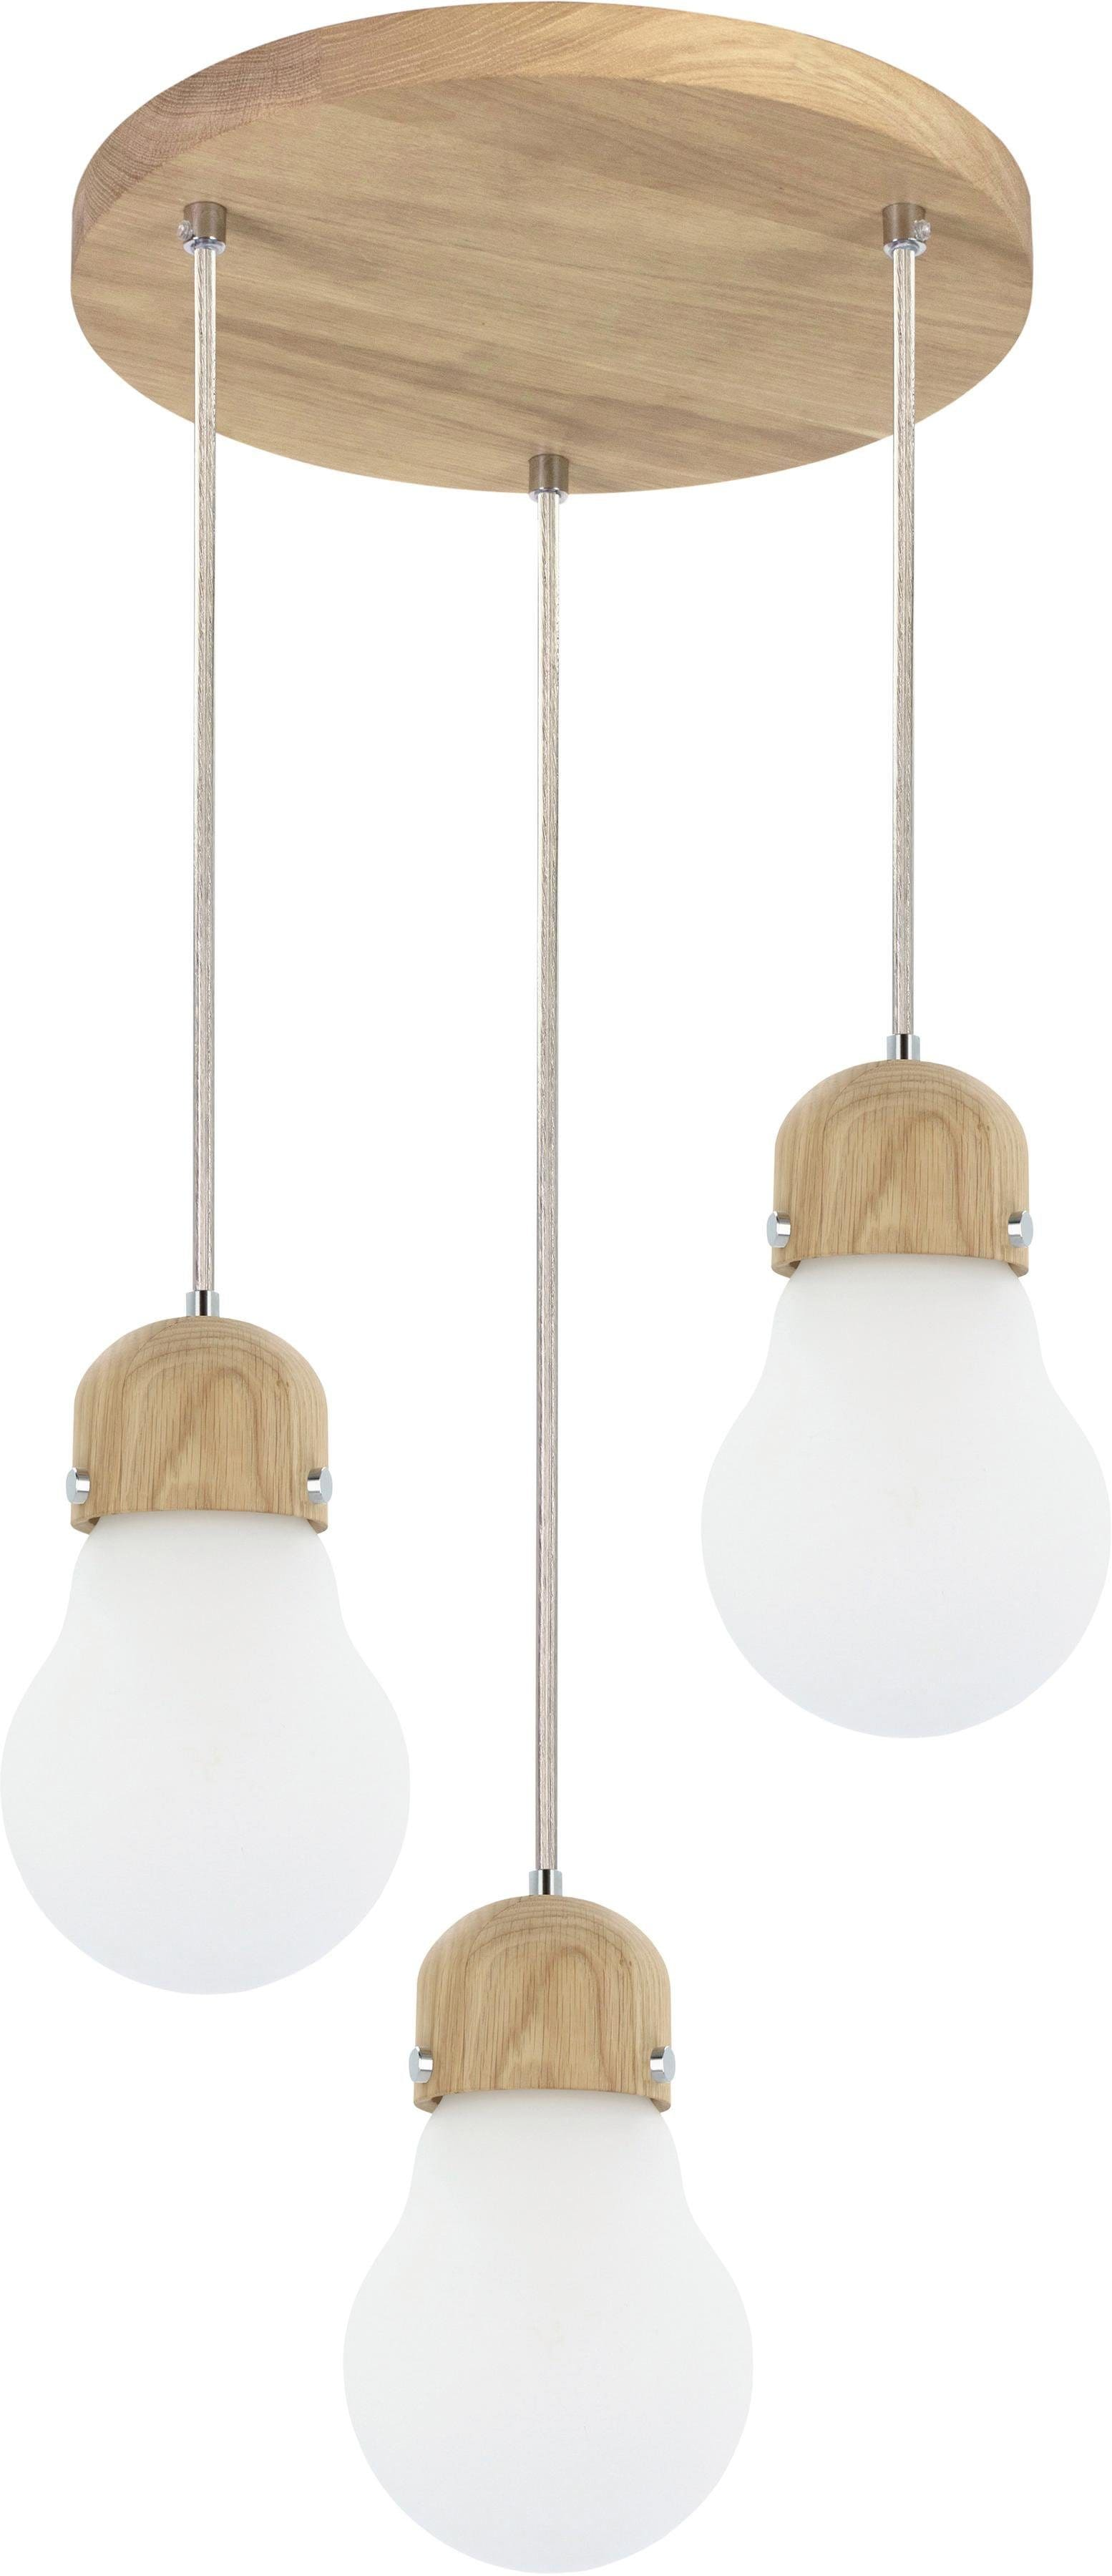 BRITOP LIGHTING Pendelleuchte BULB WOOD, E27, Hängeleuchte, Naturprodukt aus Eichenholz, Nachhaltig mit FSC-Zertifikat, Hochwertiger Schirm aus Glas, Kabel kürzbar, Made in EU